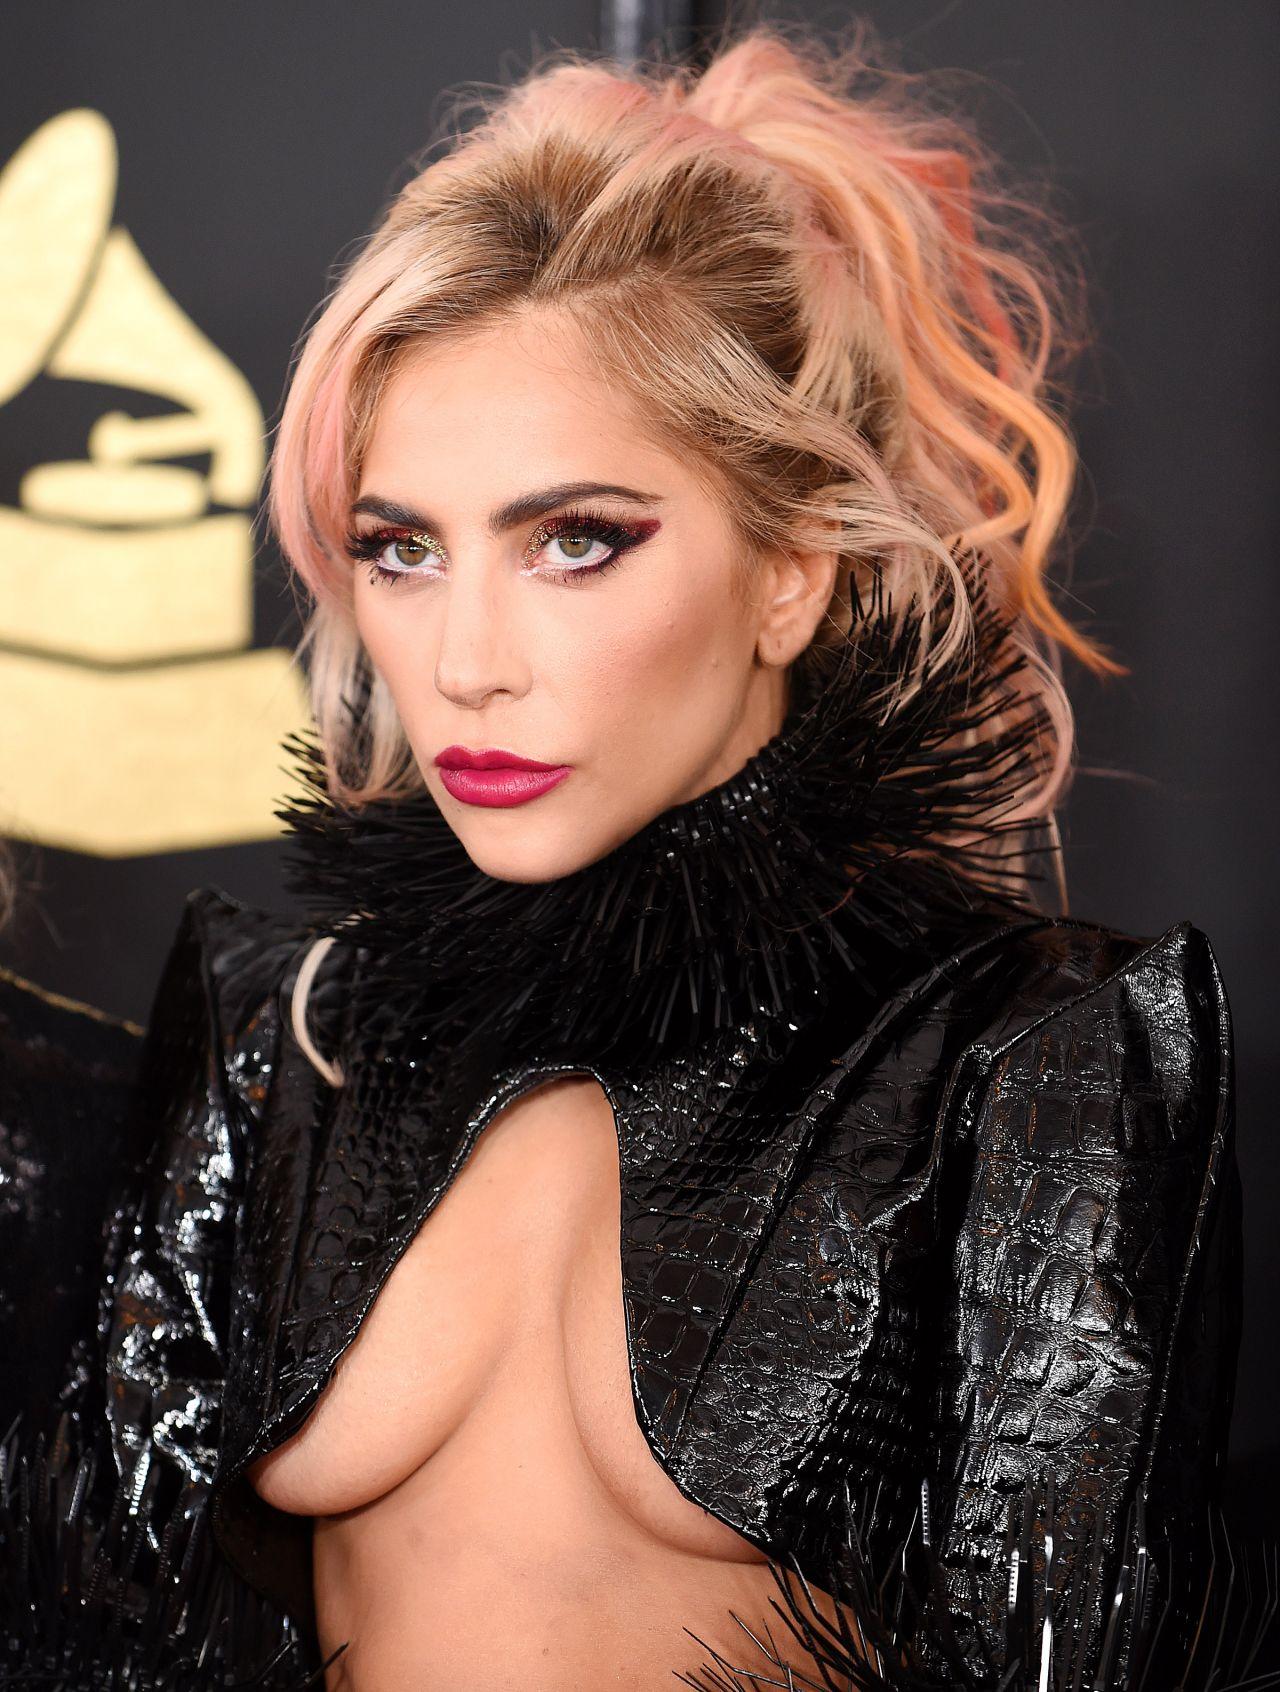 Lady Gaga on Red Carpet – GRAMMY Awards in Los Angeles 2 ... Lady Gaga